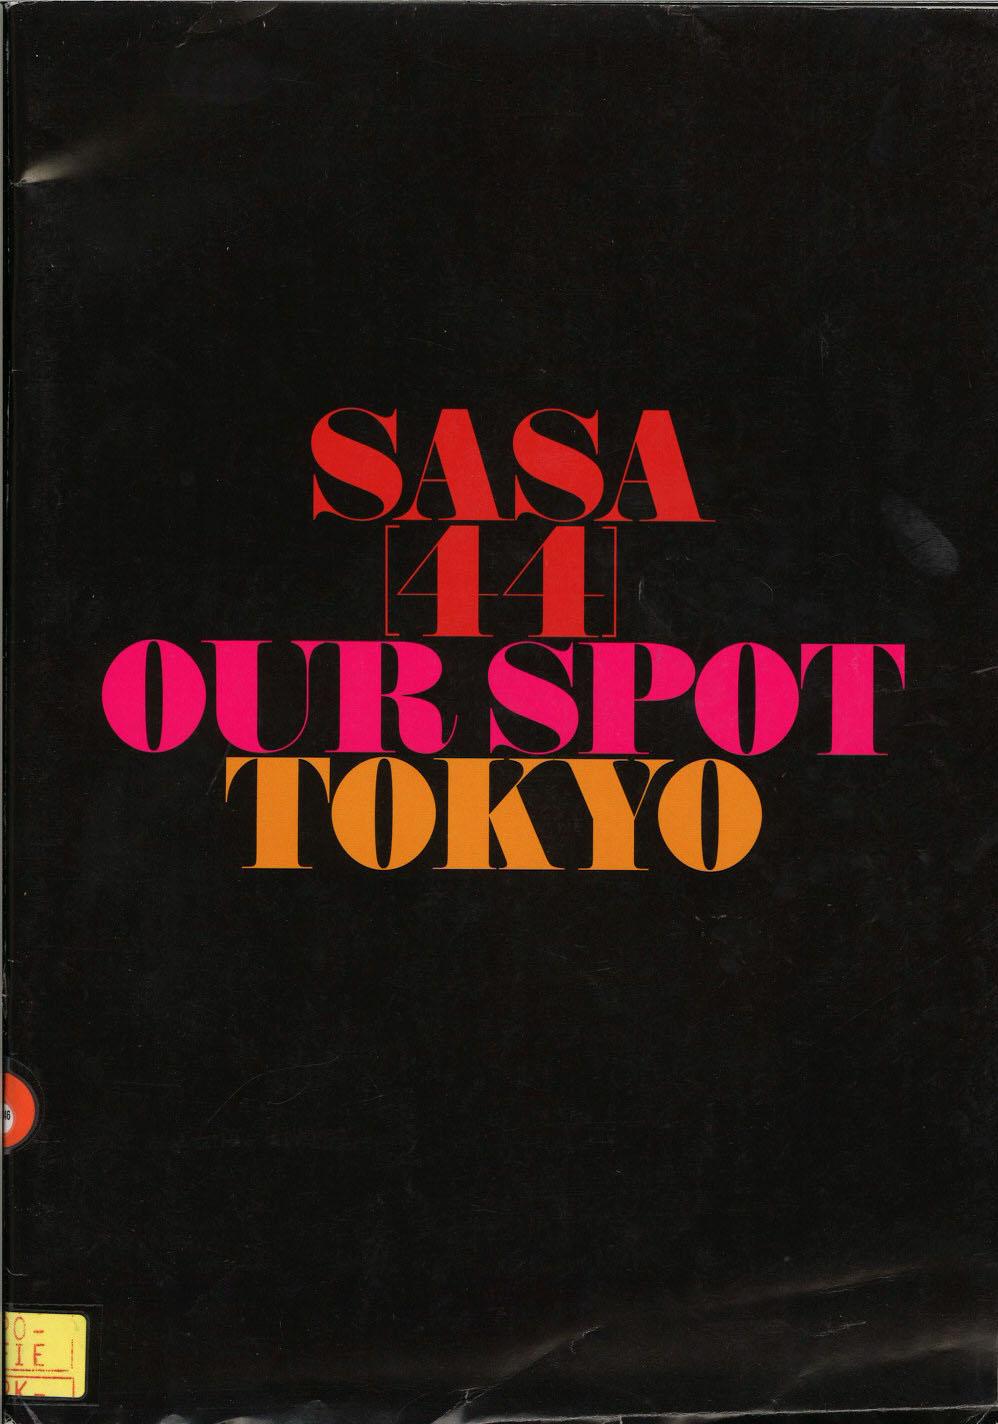 sasa [44] our spot tokyo